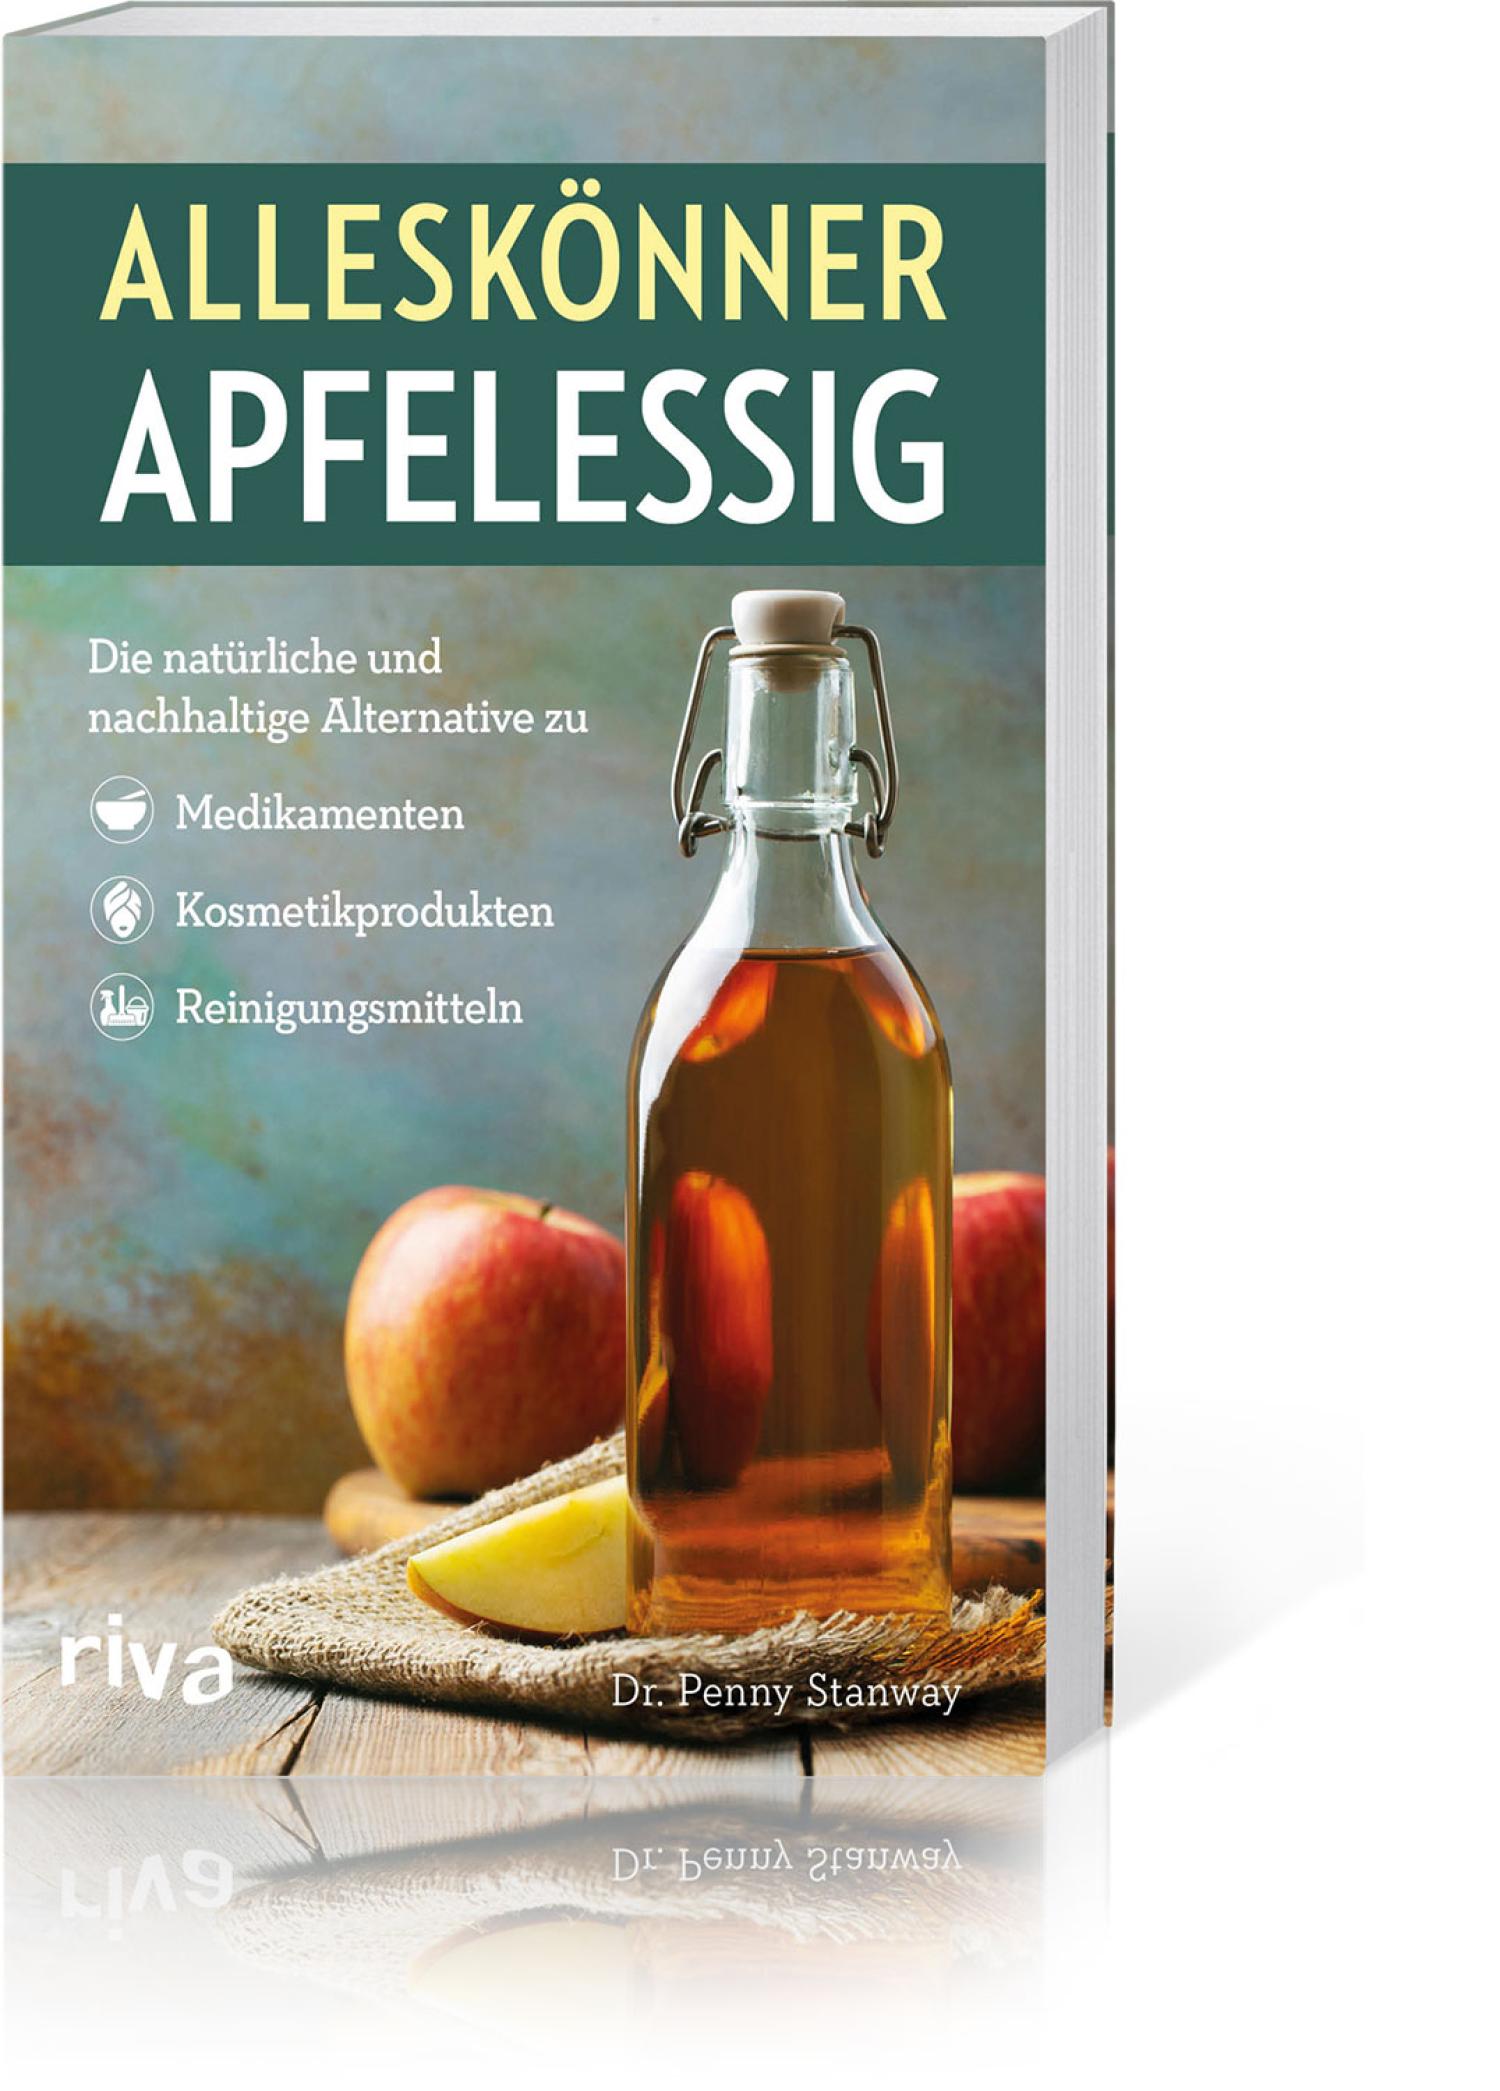 Alleskönner Apfelessig, Produktbild 1